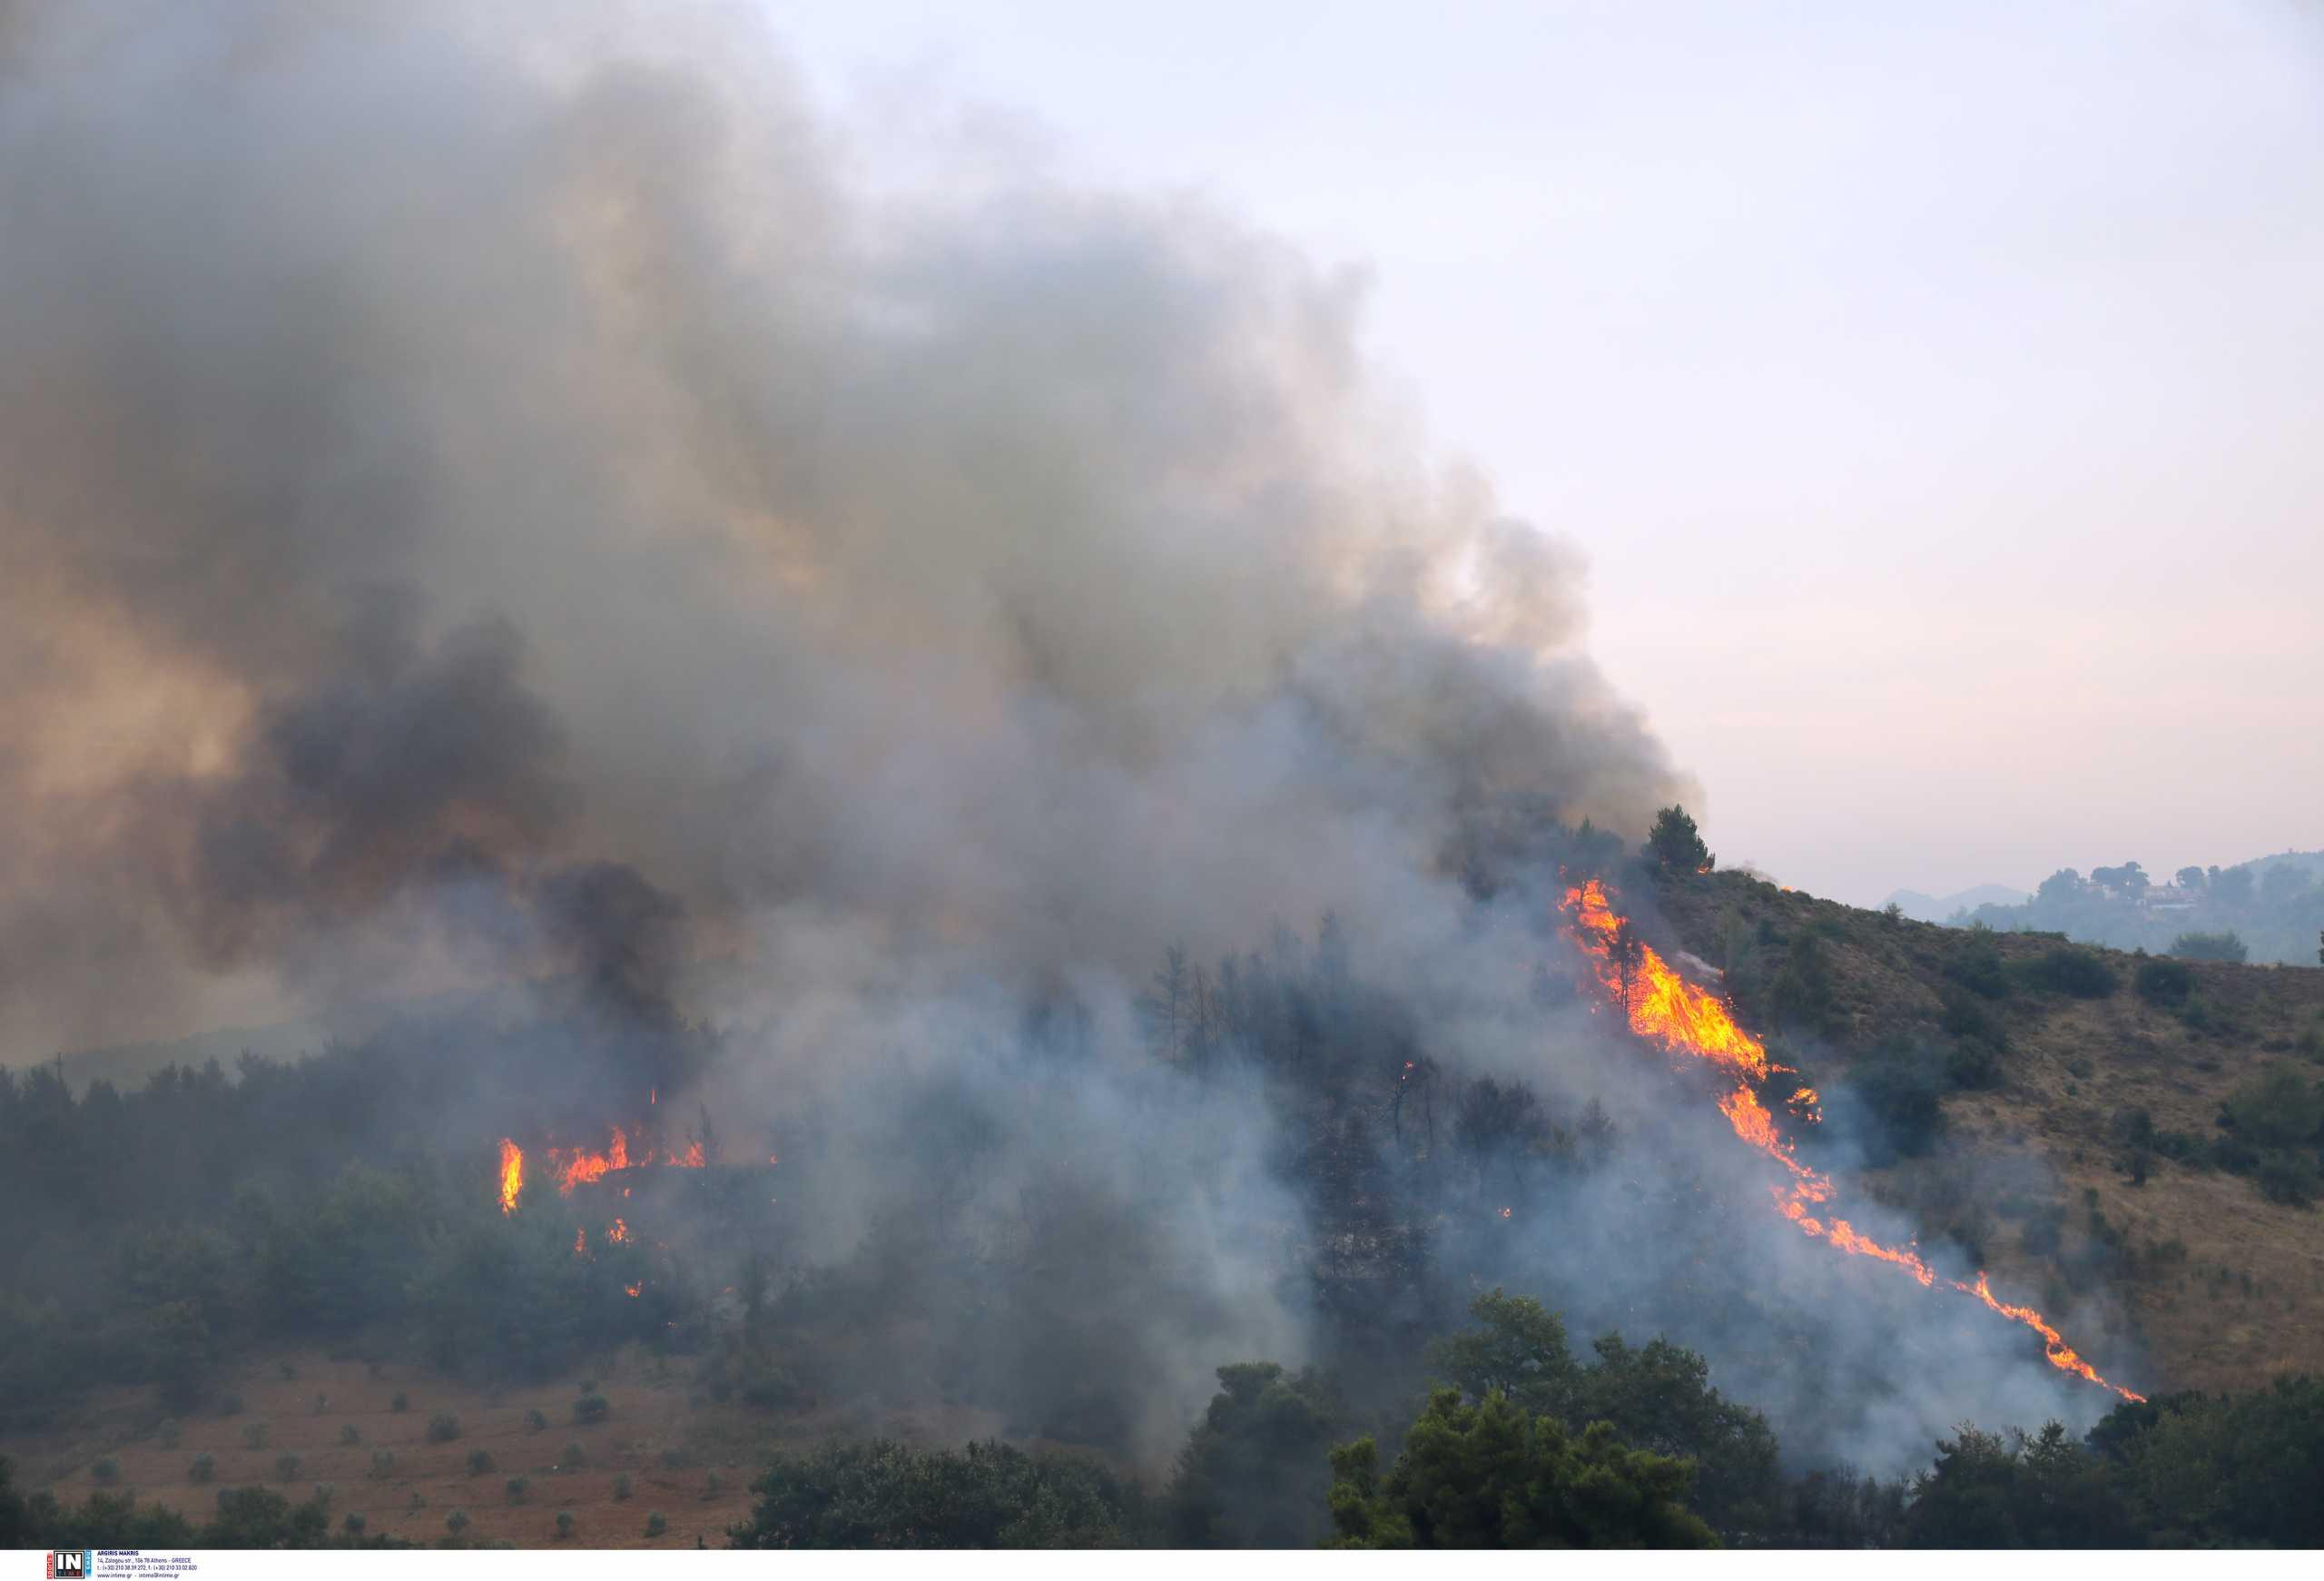 Φωτιές στην Αττική: Εφιαλτικές στιγμές σε Θρακομακεδόνες και Βαρυμπόμπη – Φλέγεται ο Άγιος Στέφανος